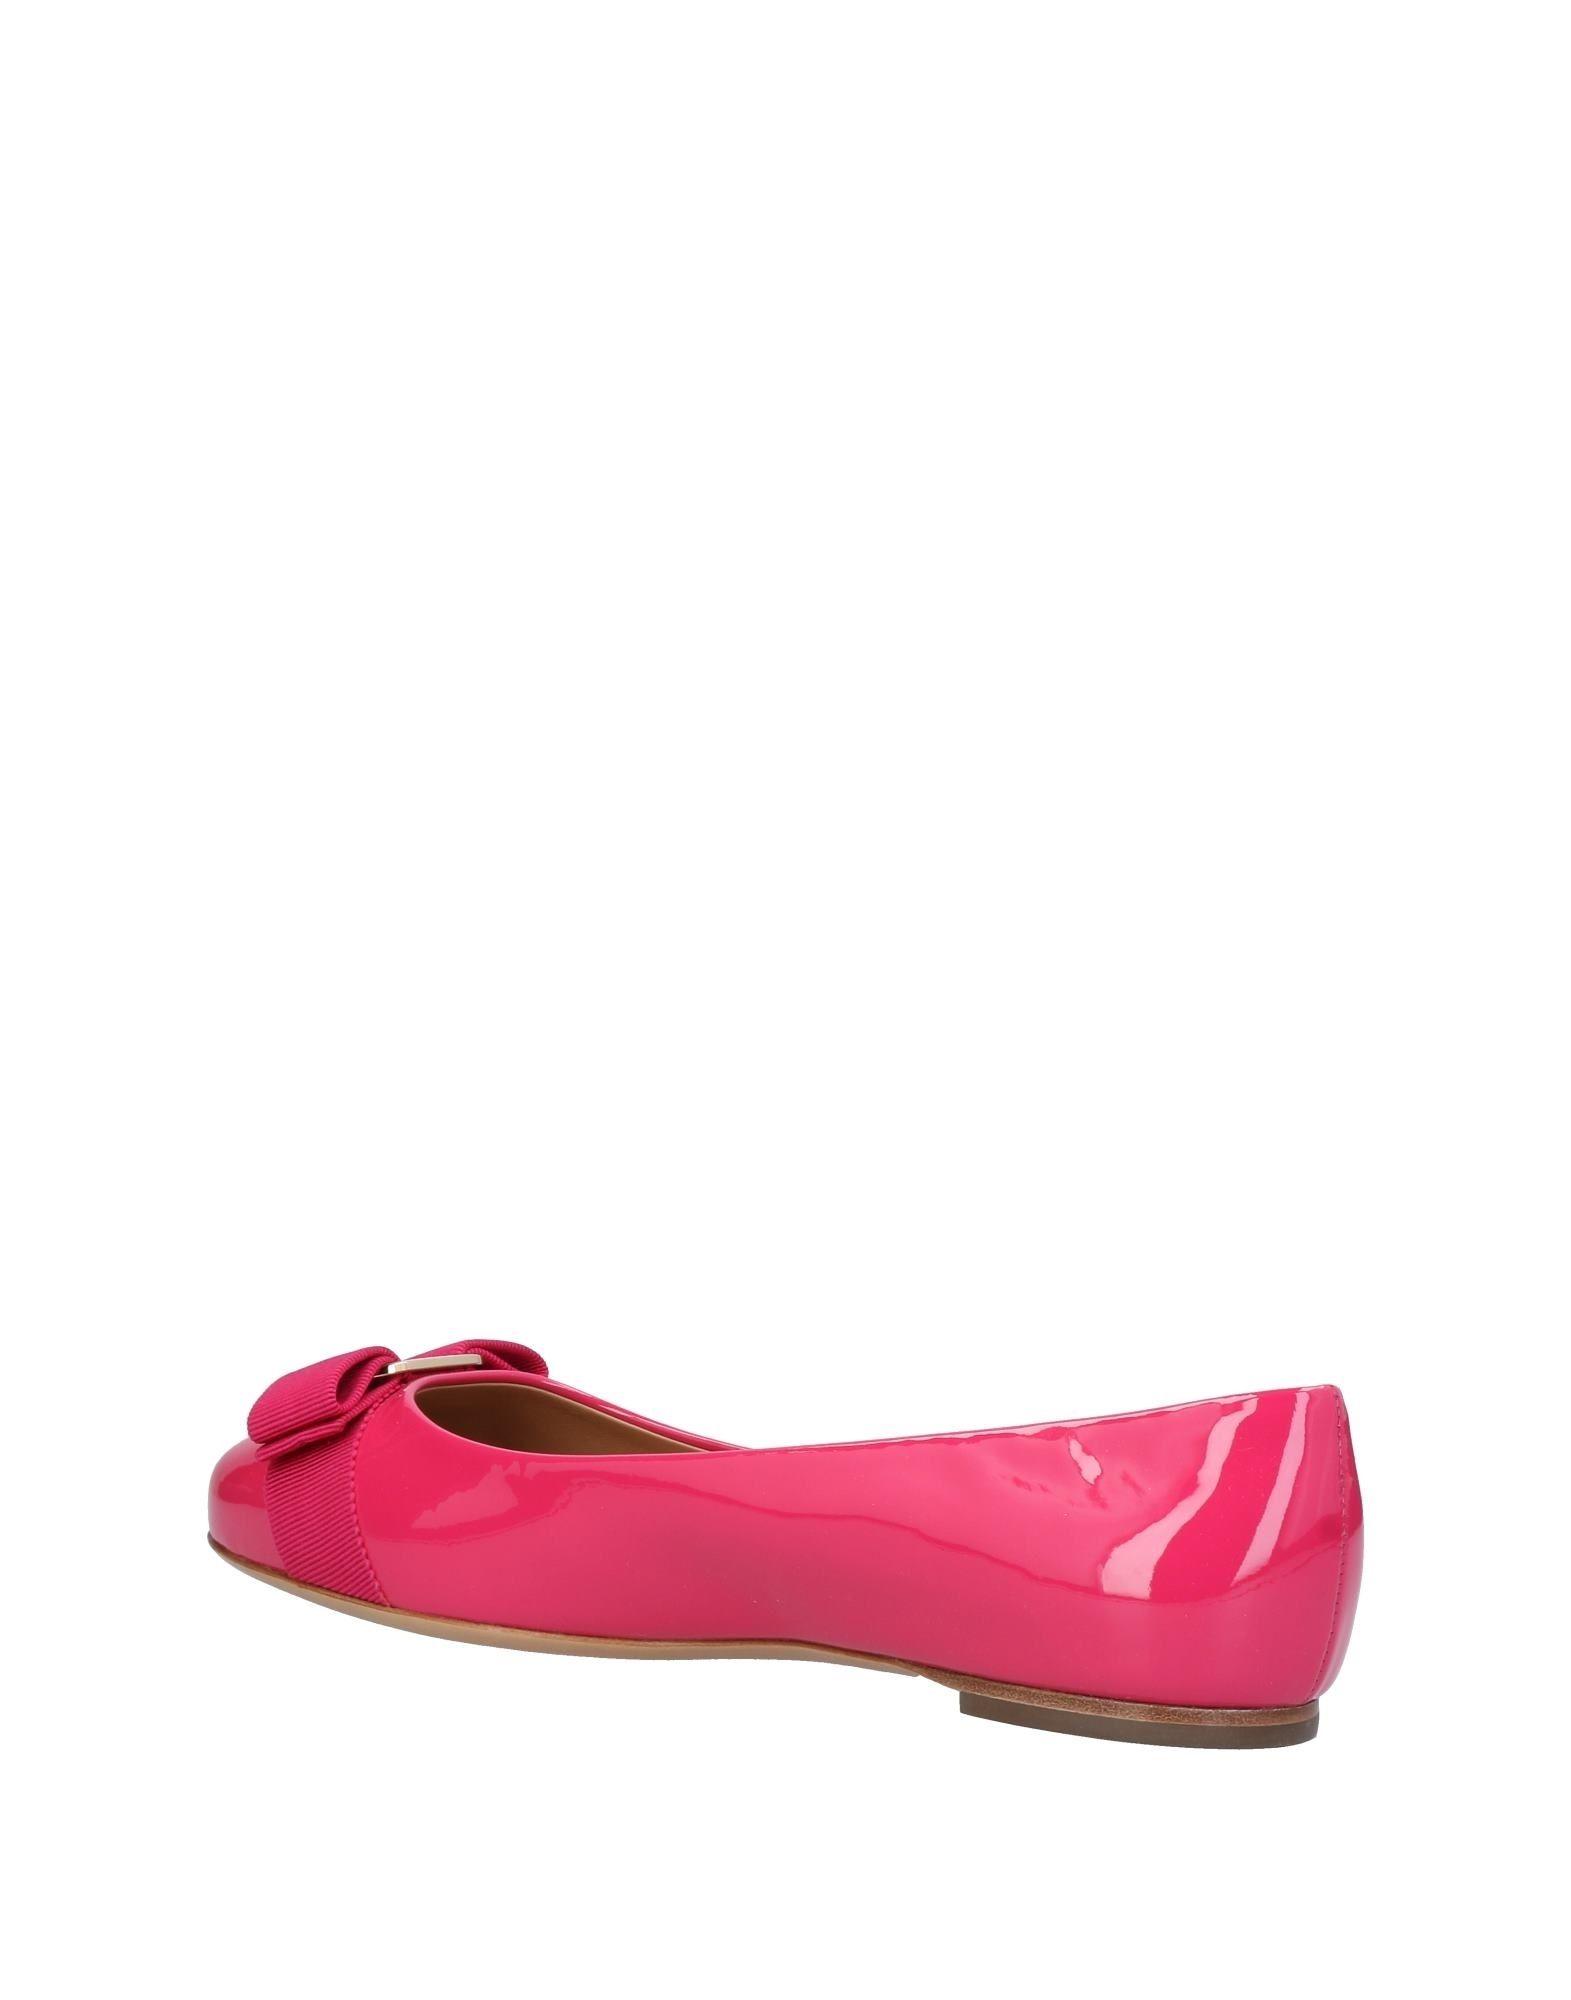 Rabatt Schuhe Salvatore Ferragamo Ballerinas Damen  11435530XD